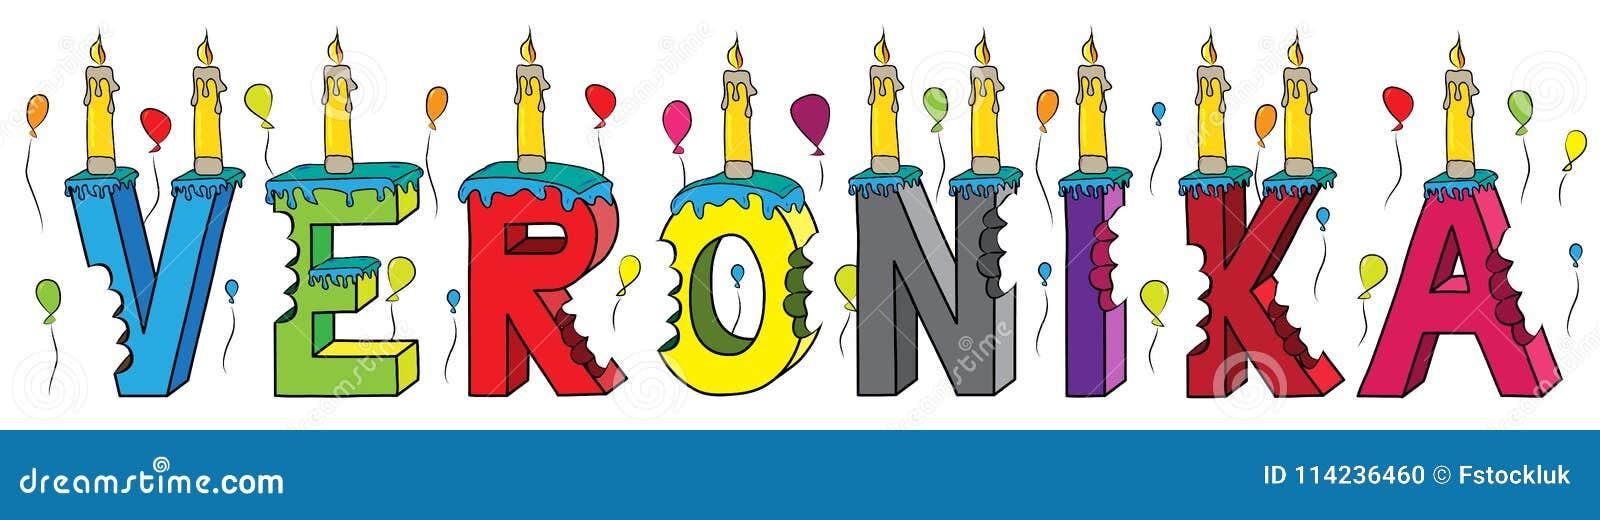 Bolo de aniversário colorido mordido da rotulação 3d de Veronika nome fêmea com velas e balões